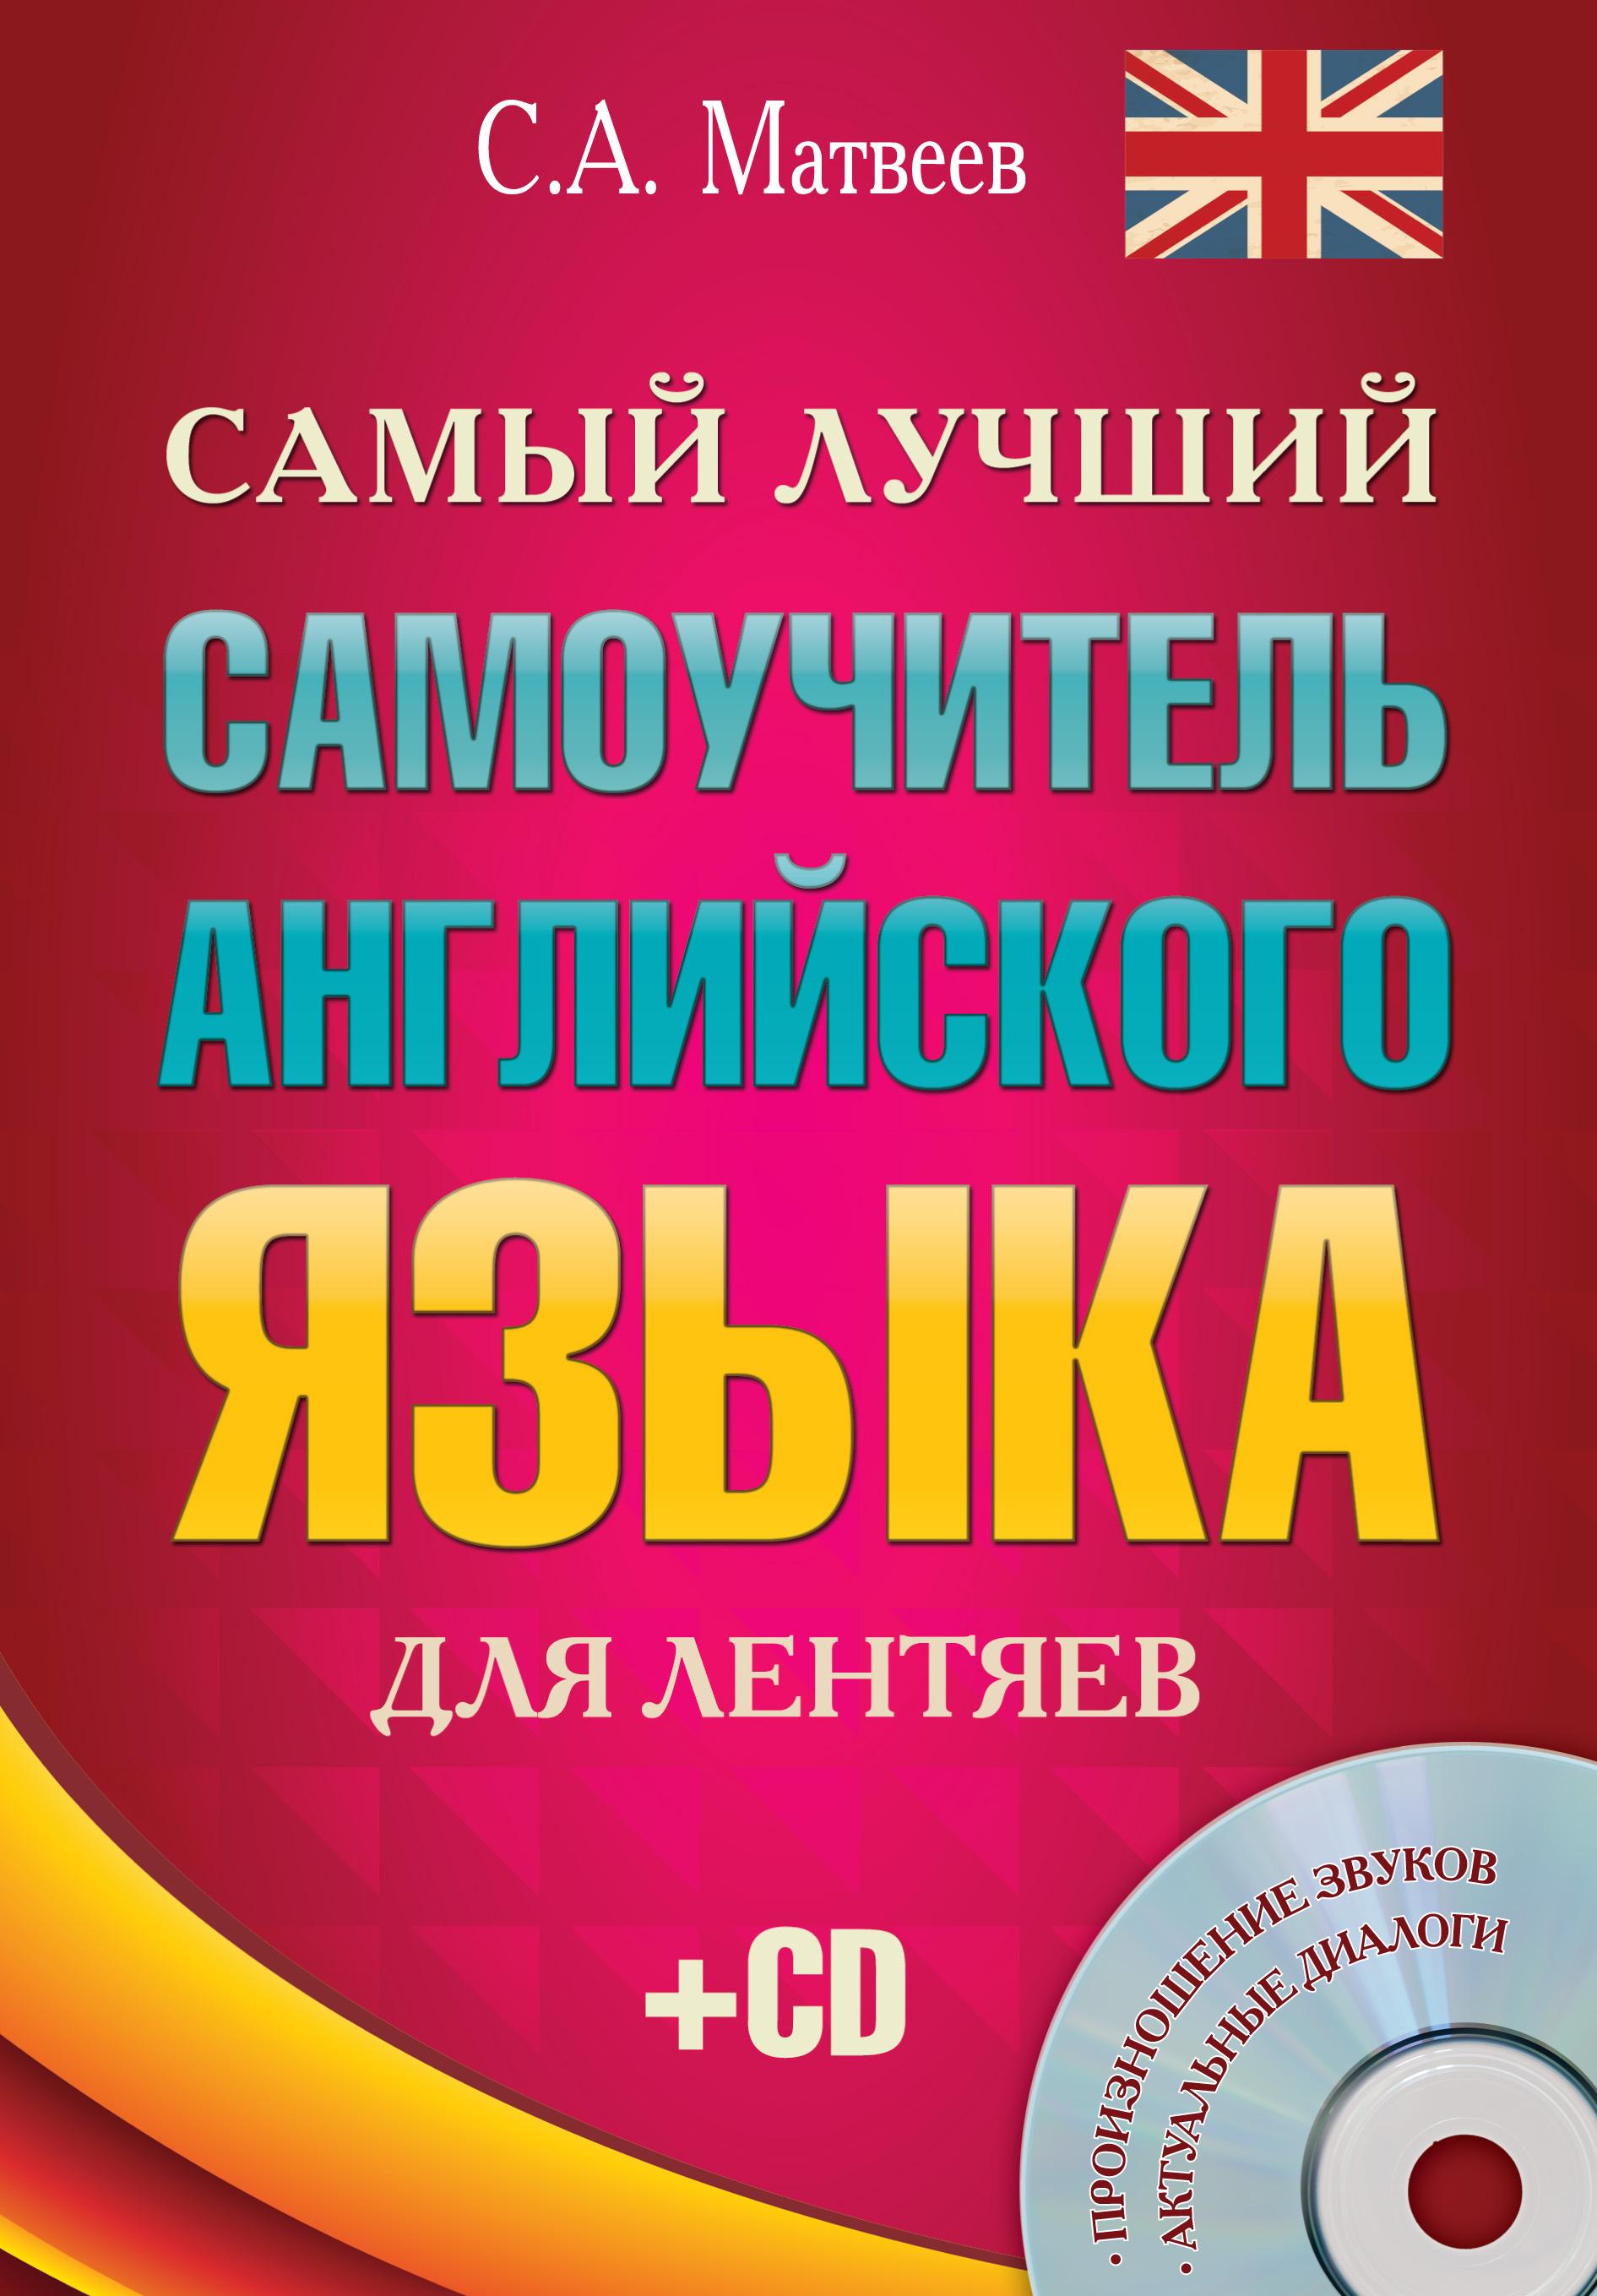 С. А. Матвеев Самый лучший самоучитель английского языка для лентяев матвеев с самый лучший самоучитель английского языка